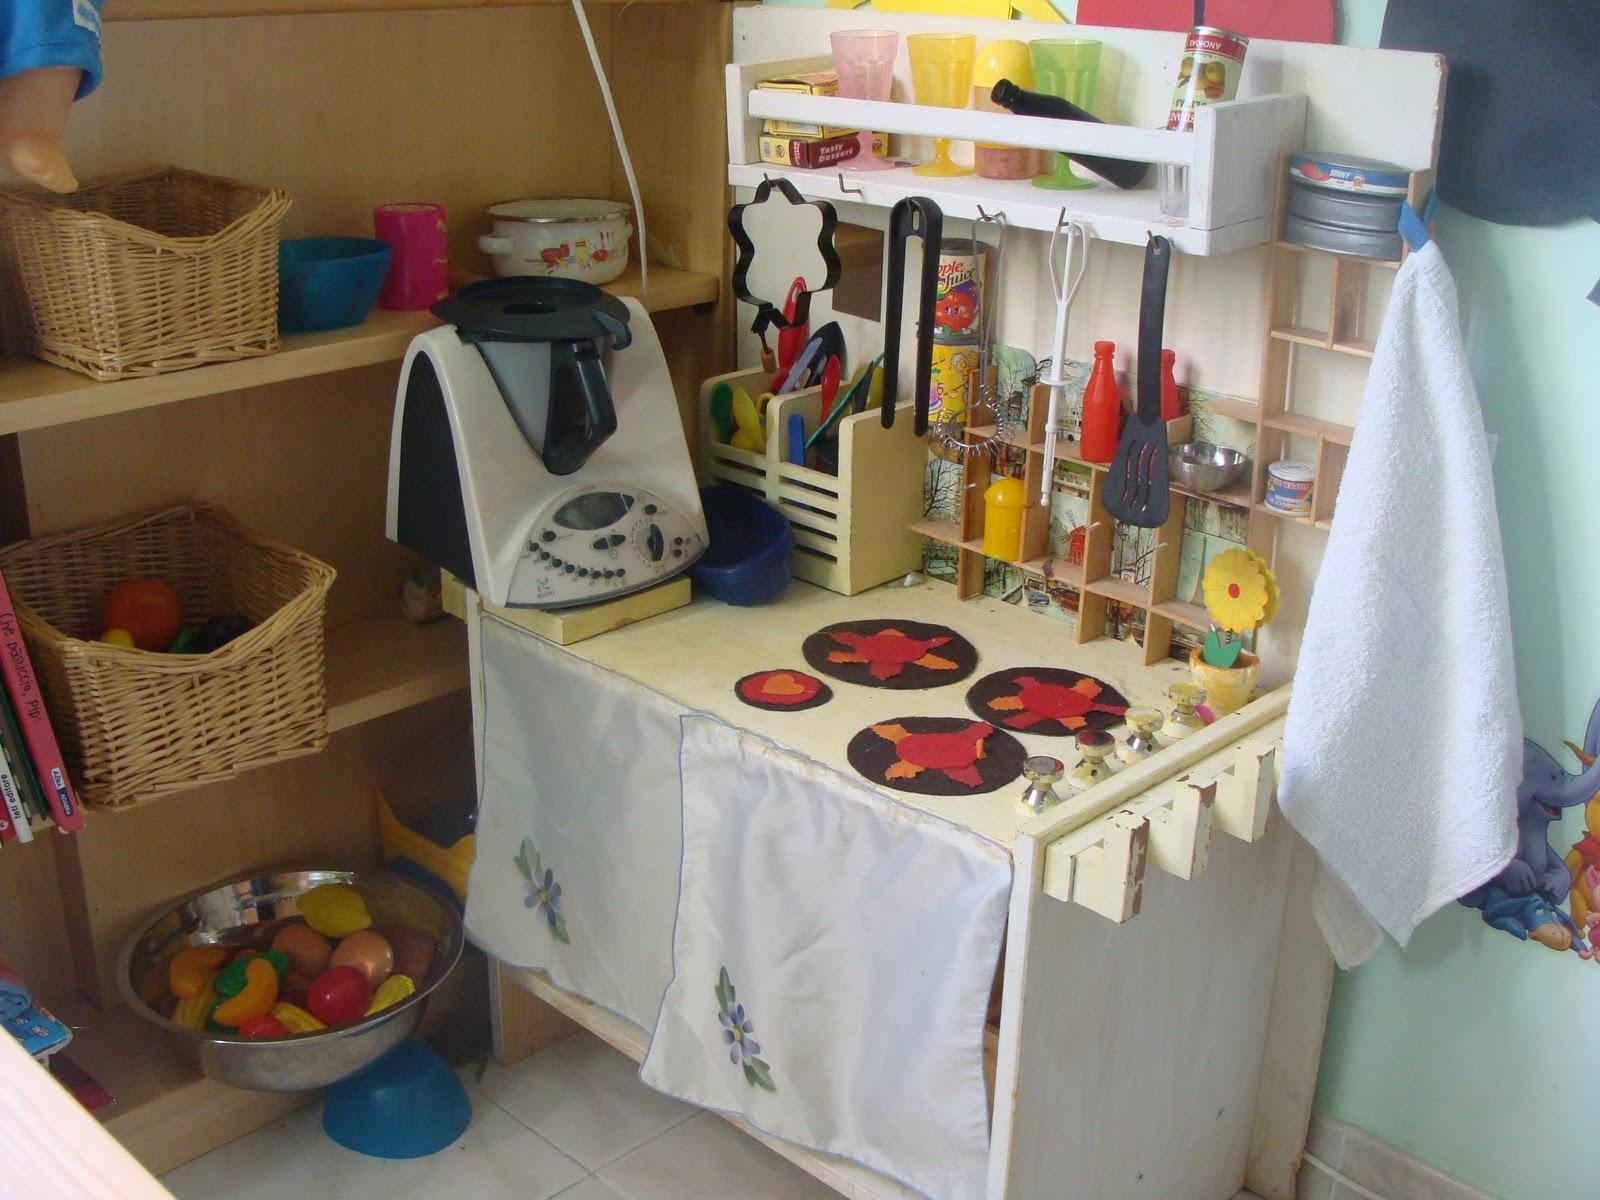 Pensili Per Cucina Fai Da Te : Pensili cucina a che altezza ...